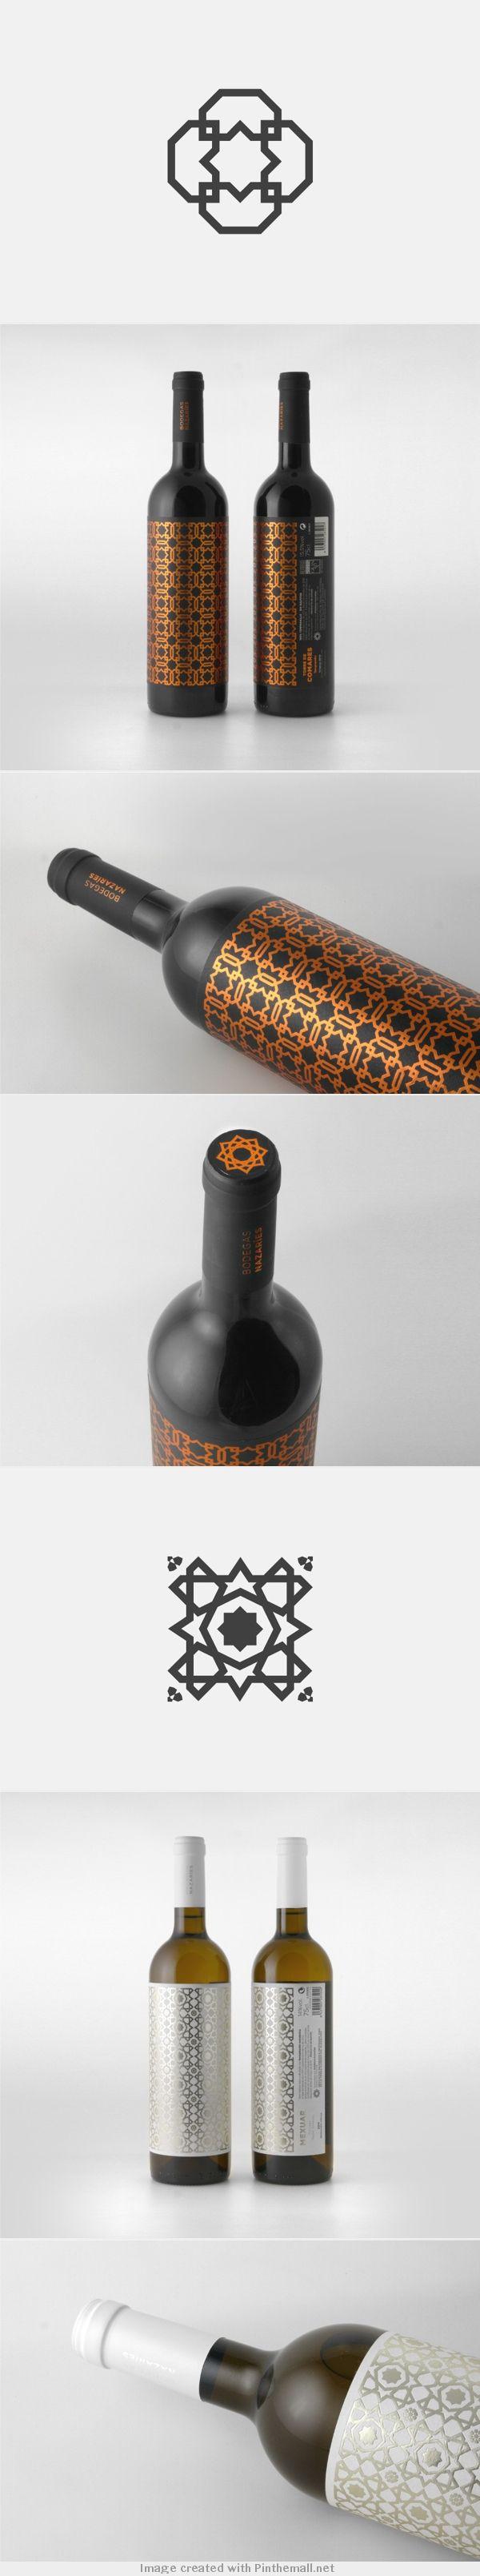 Bodegas Nazaríes wines #taninotanino #vinosmaximum